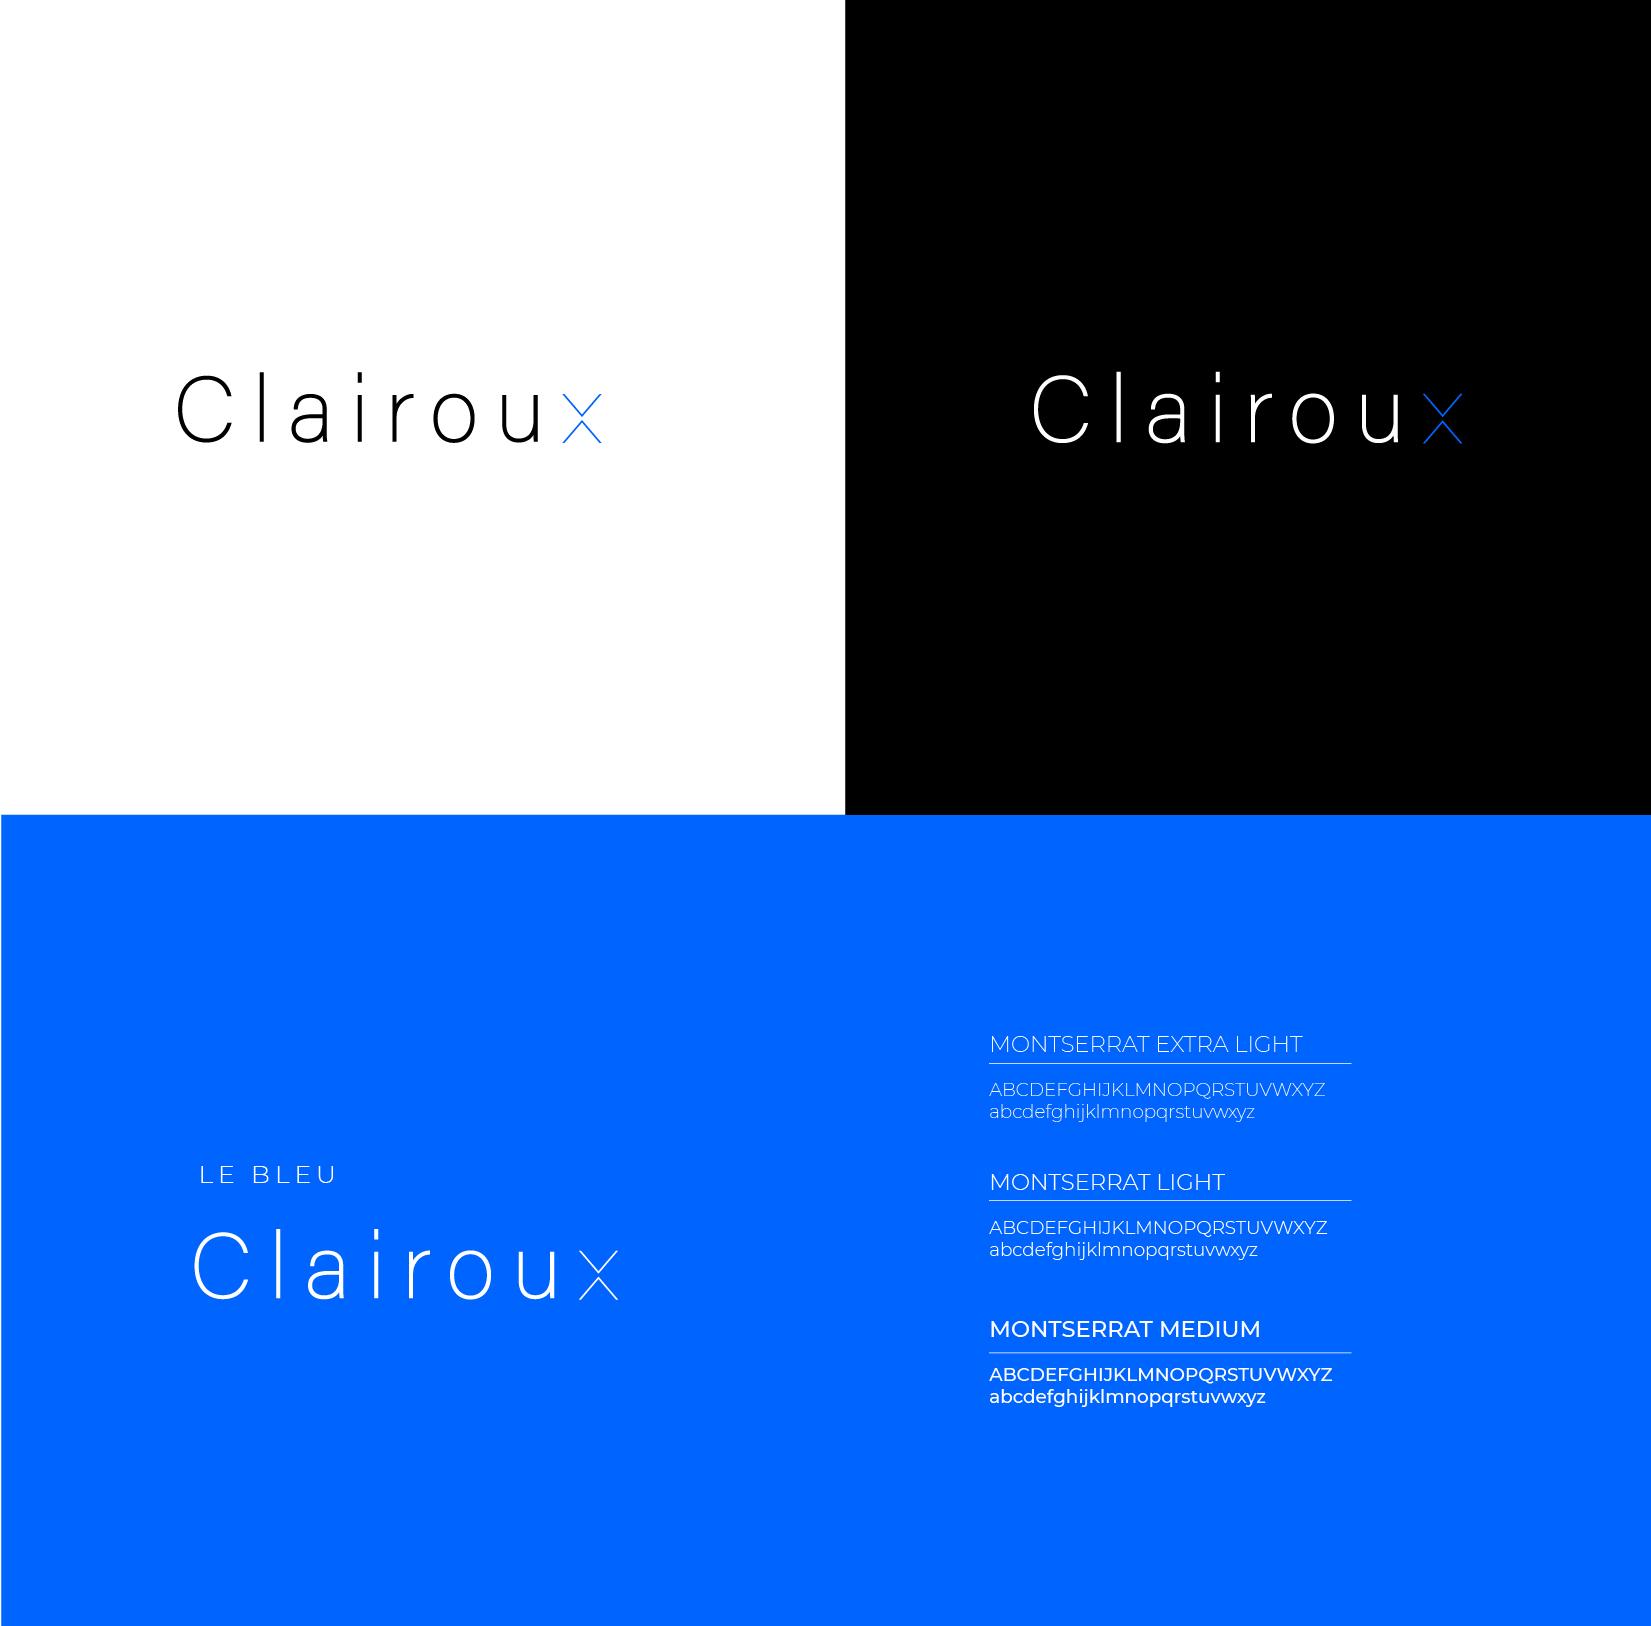 JACK_BEHANCE_CLAIROUX_Plan de travail 1 copie